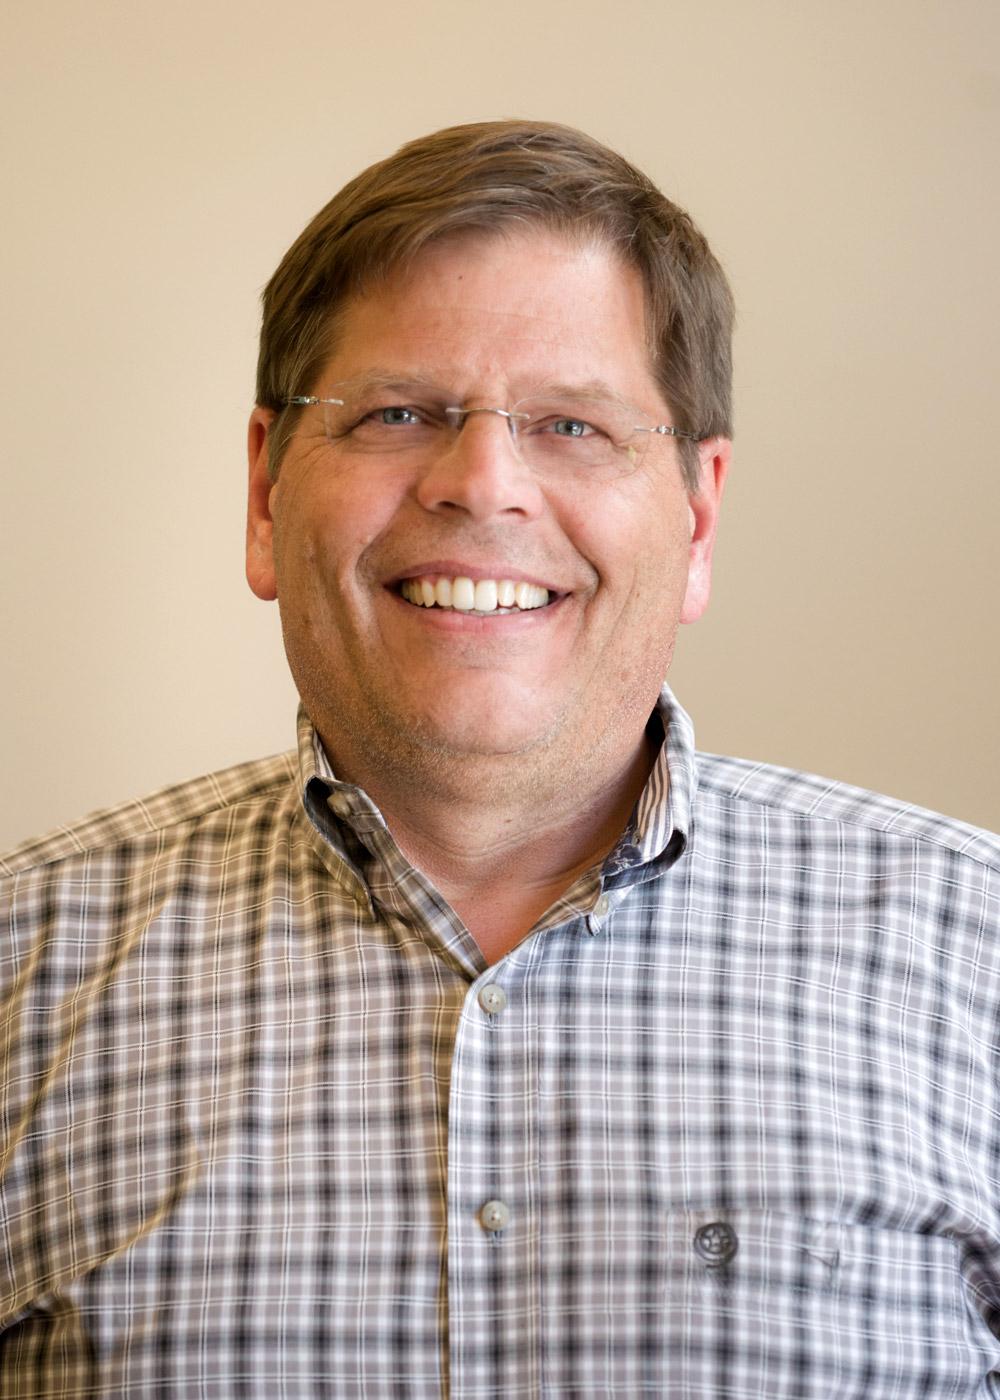 Glenn Grette